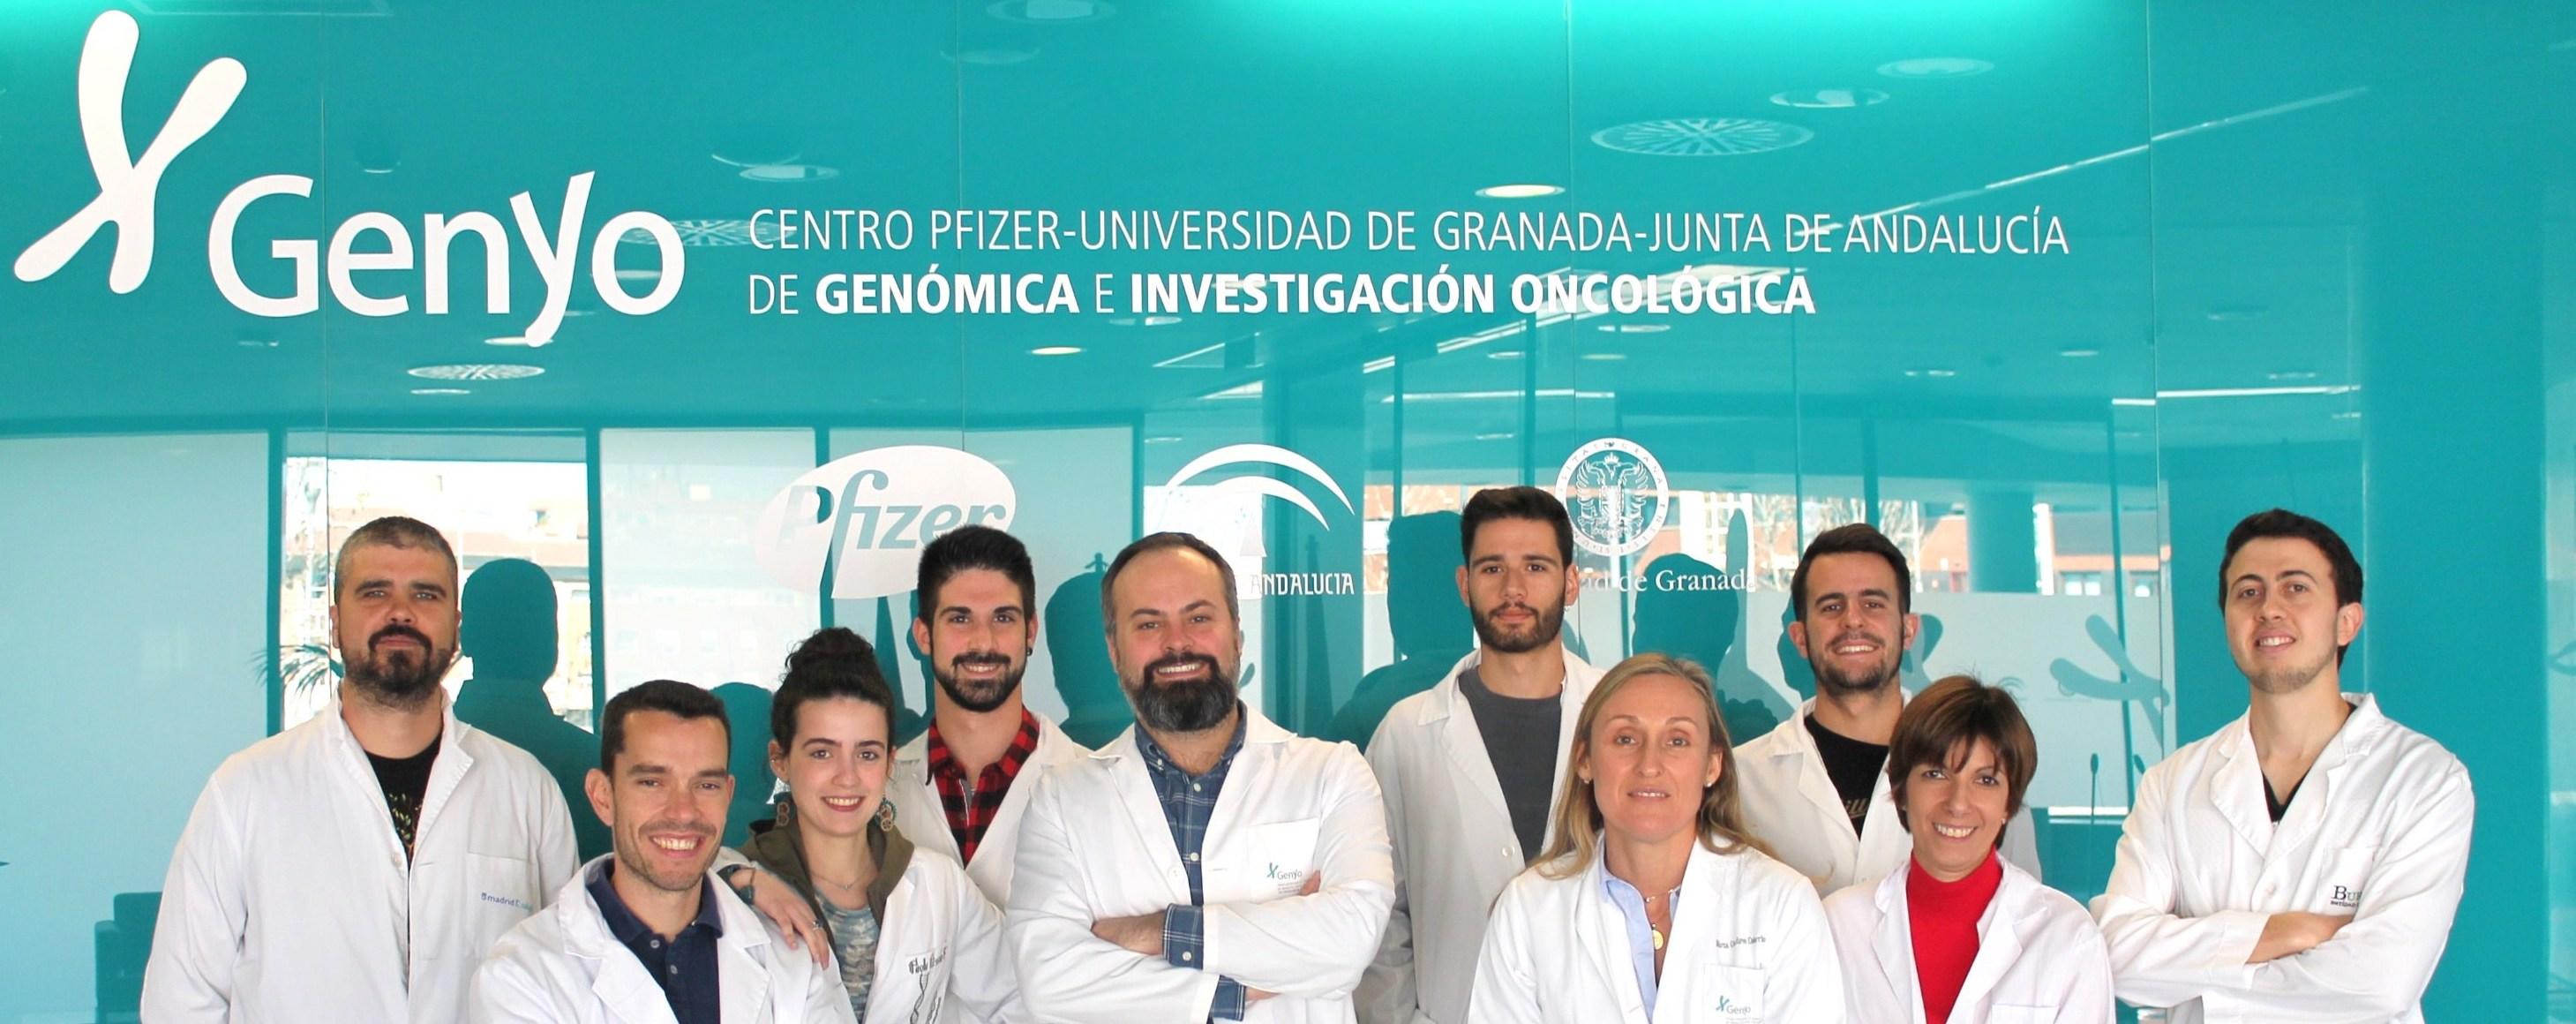 Científicos de la UGR descubren una nueva mutación que promueve el desarrollo tumoral